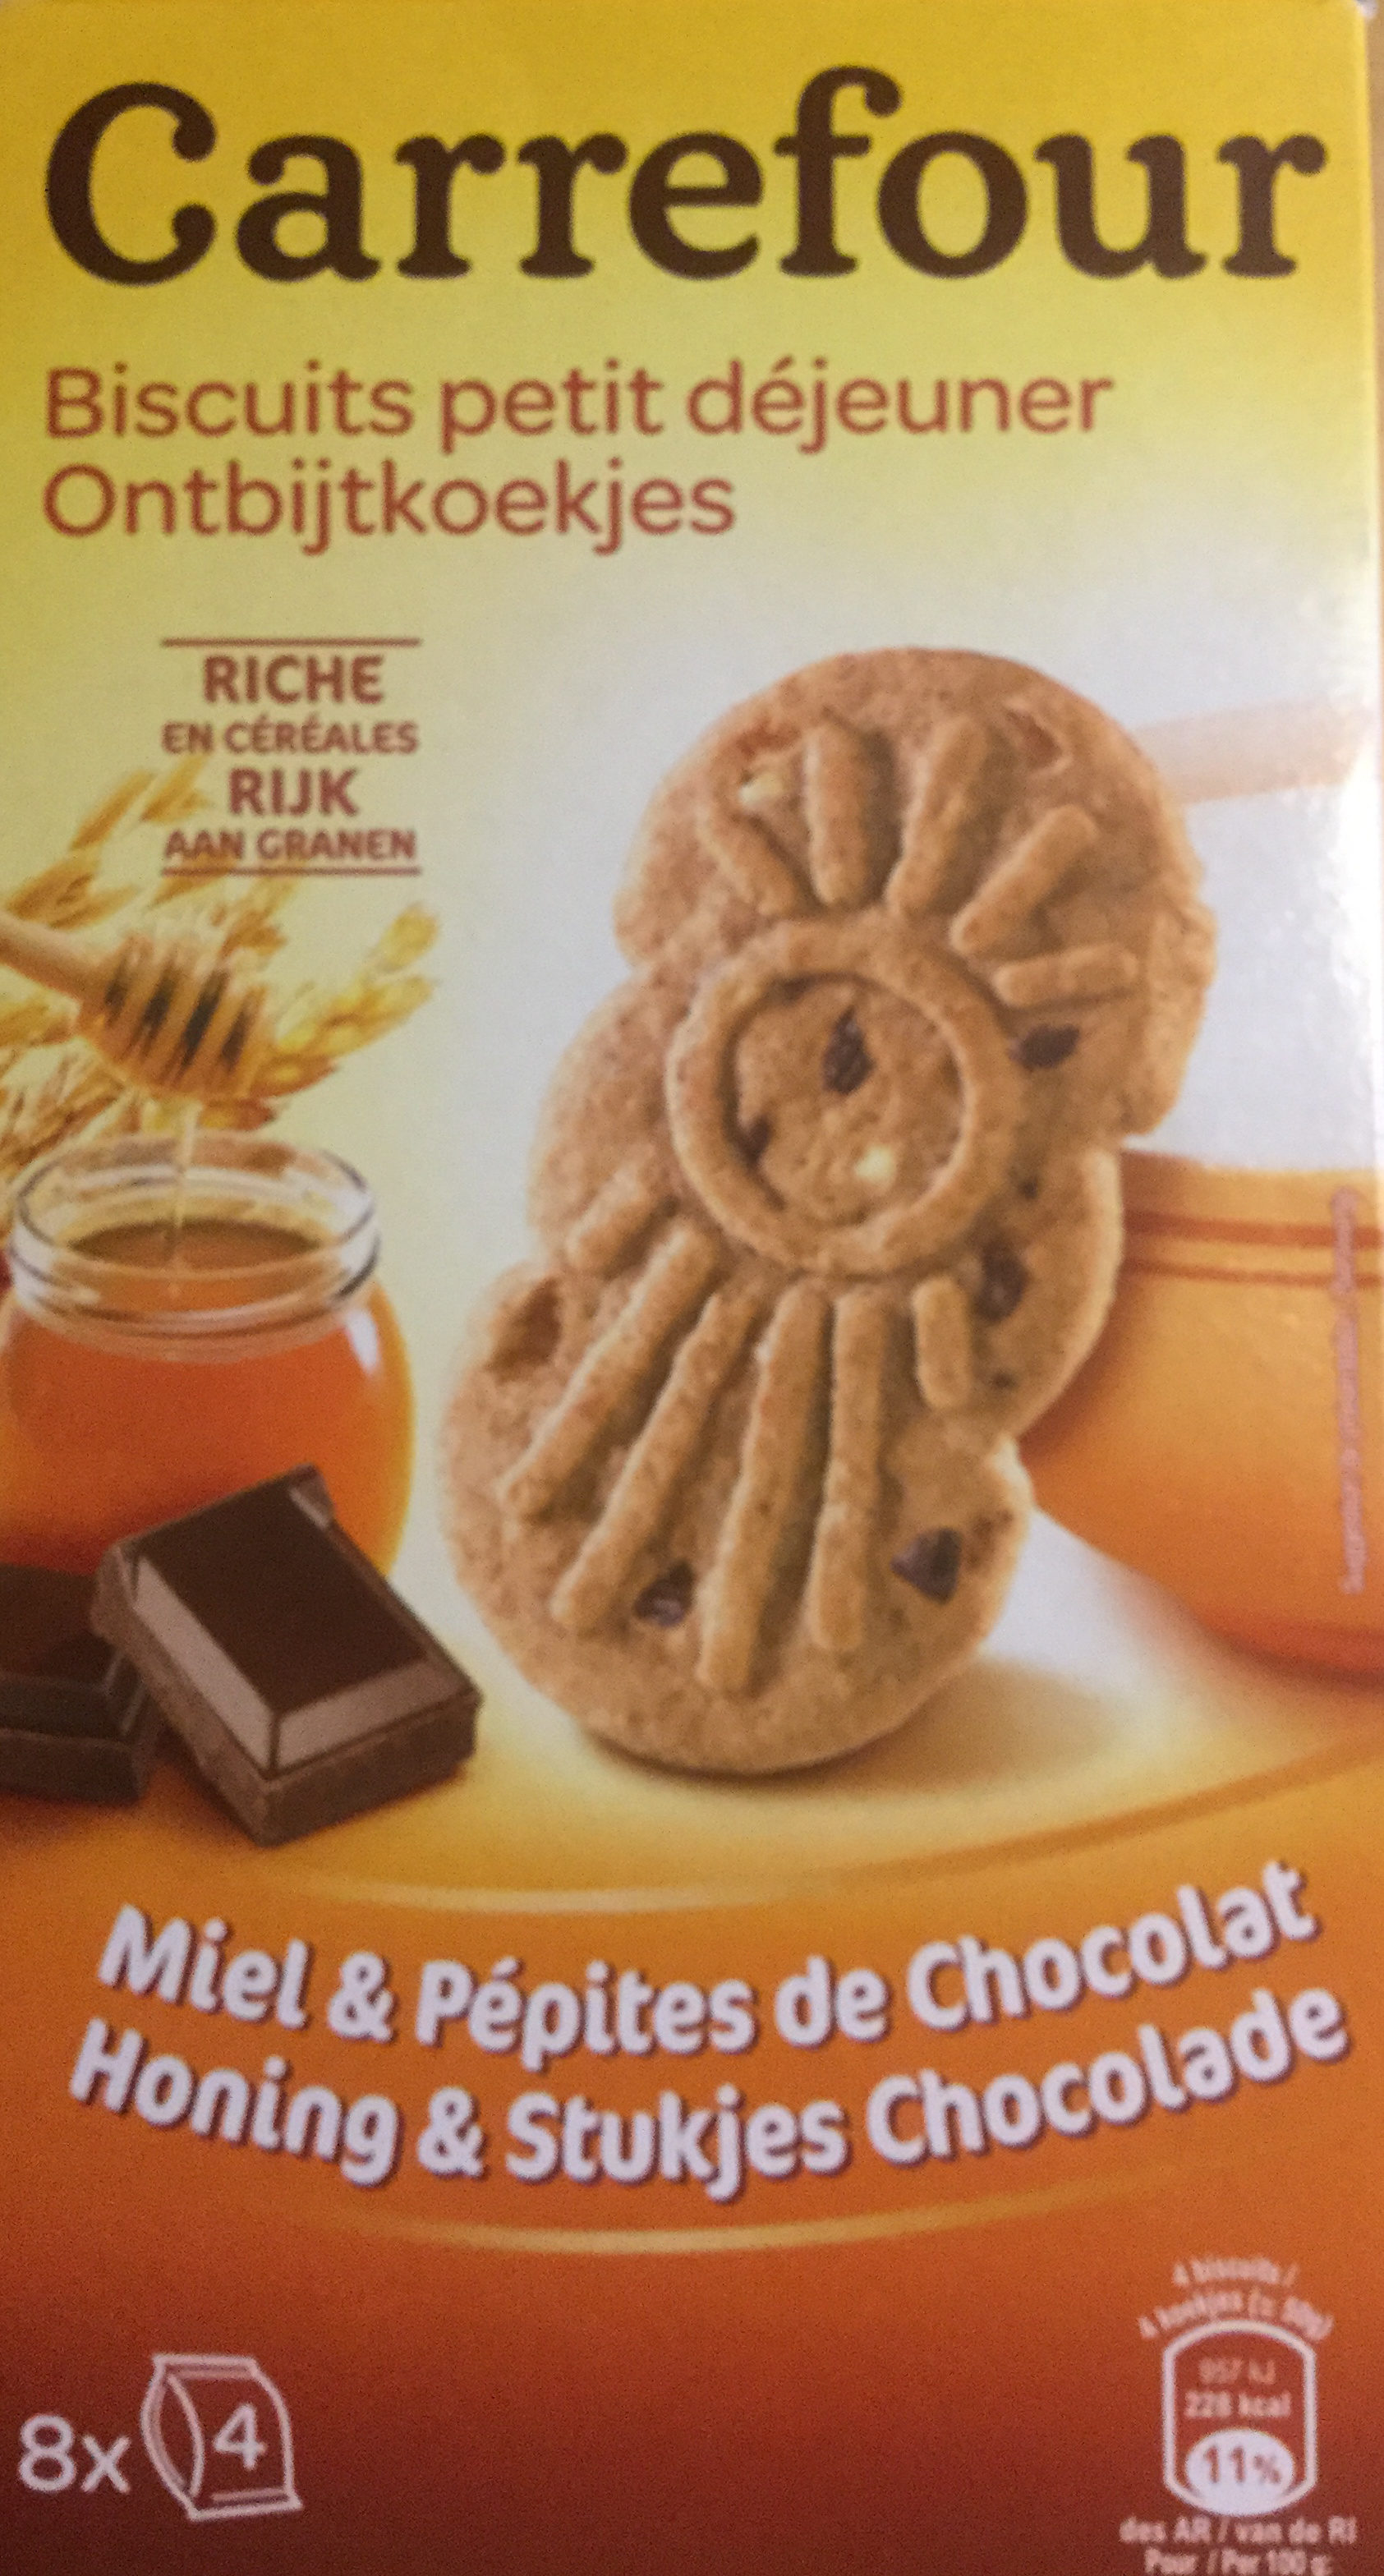 Biscuits P'tit dèj aux pépites de chocolat et au miel - Product - nl